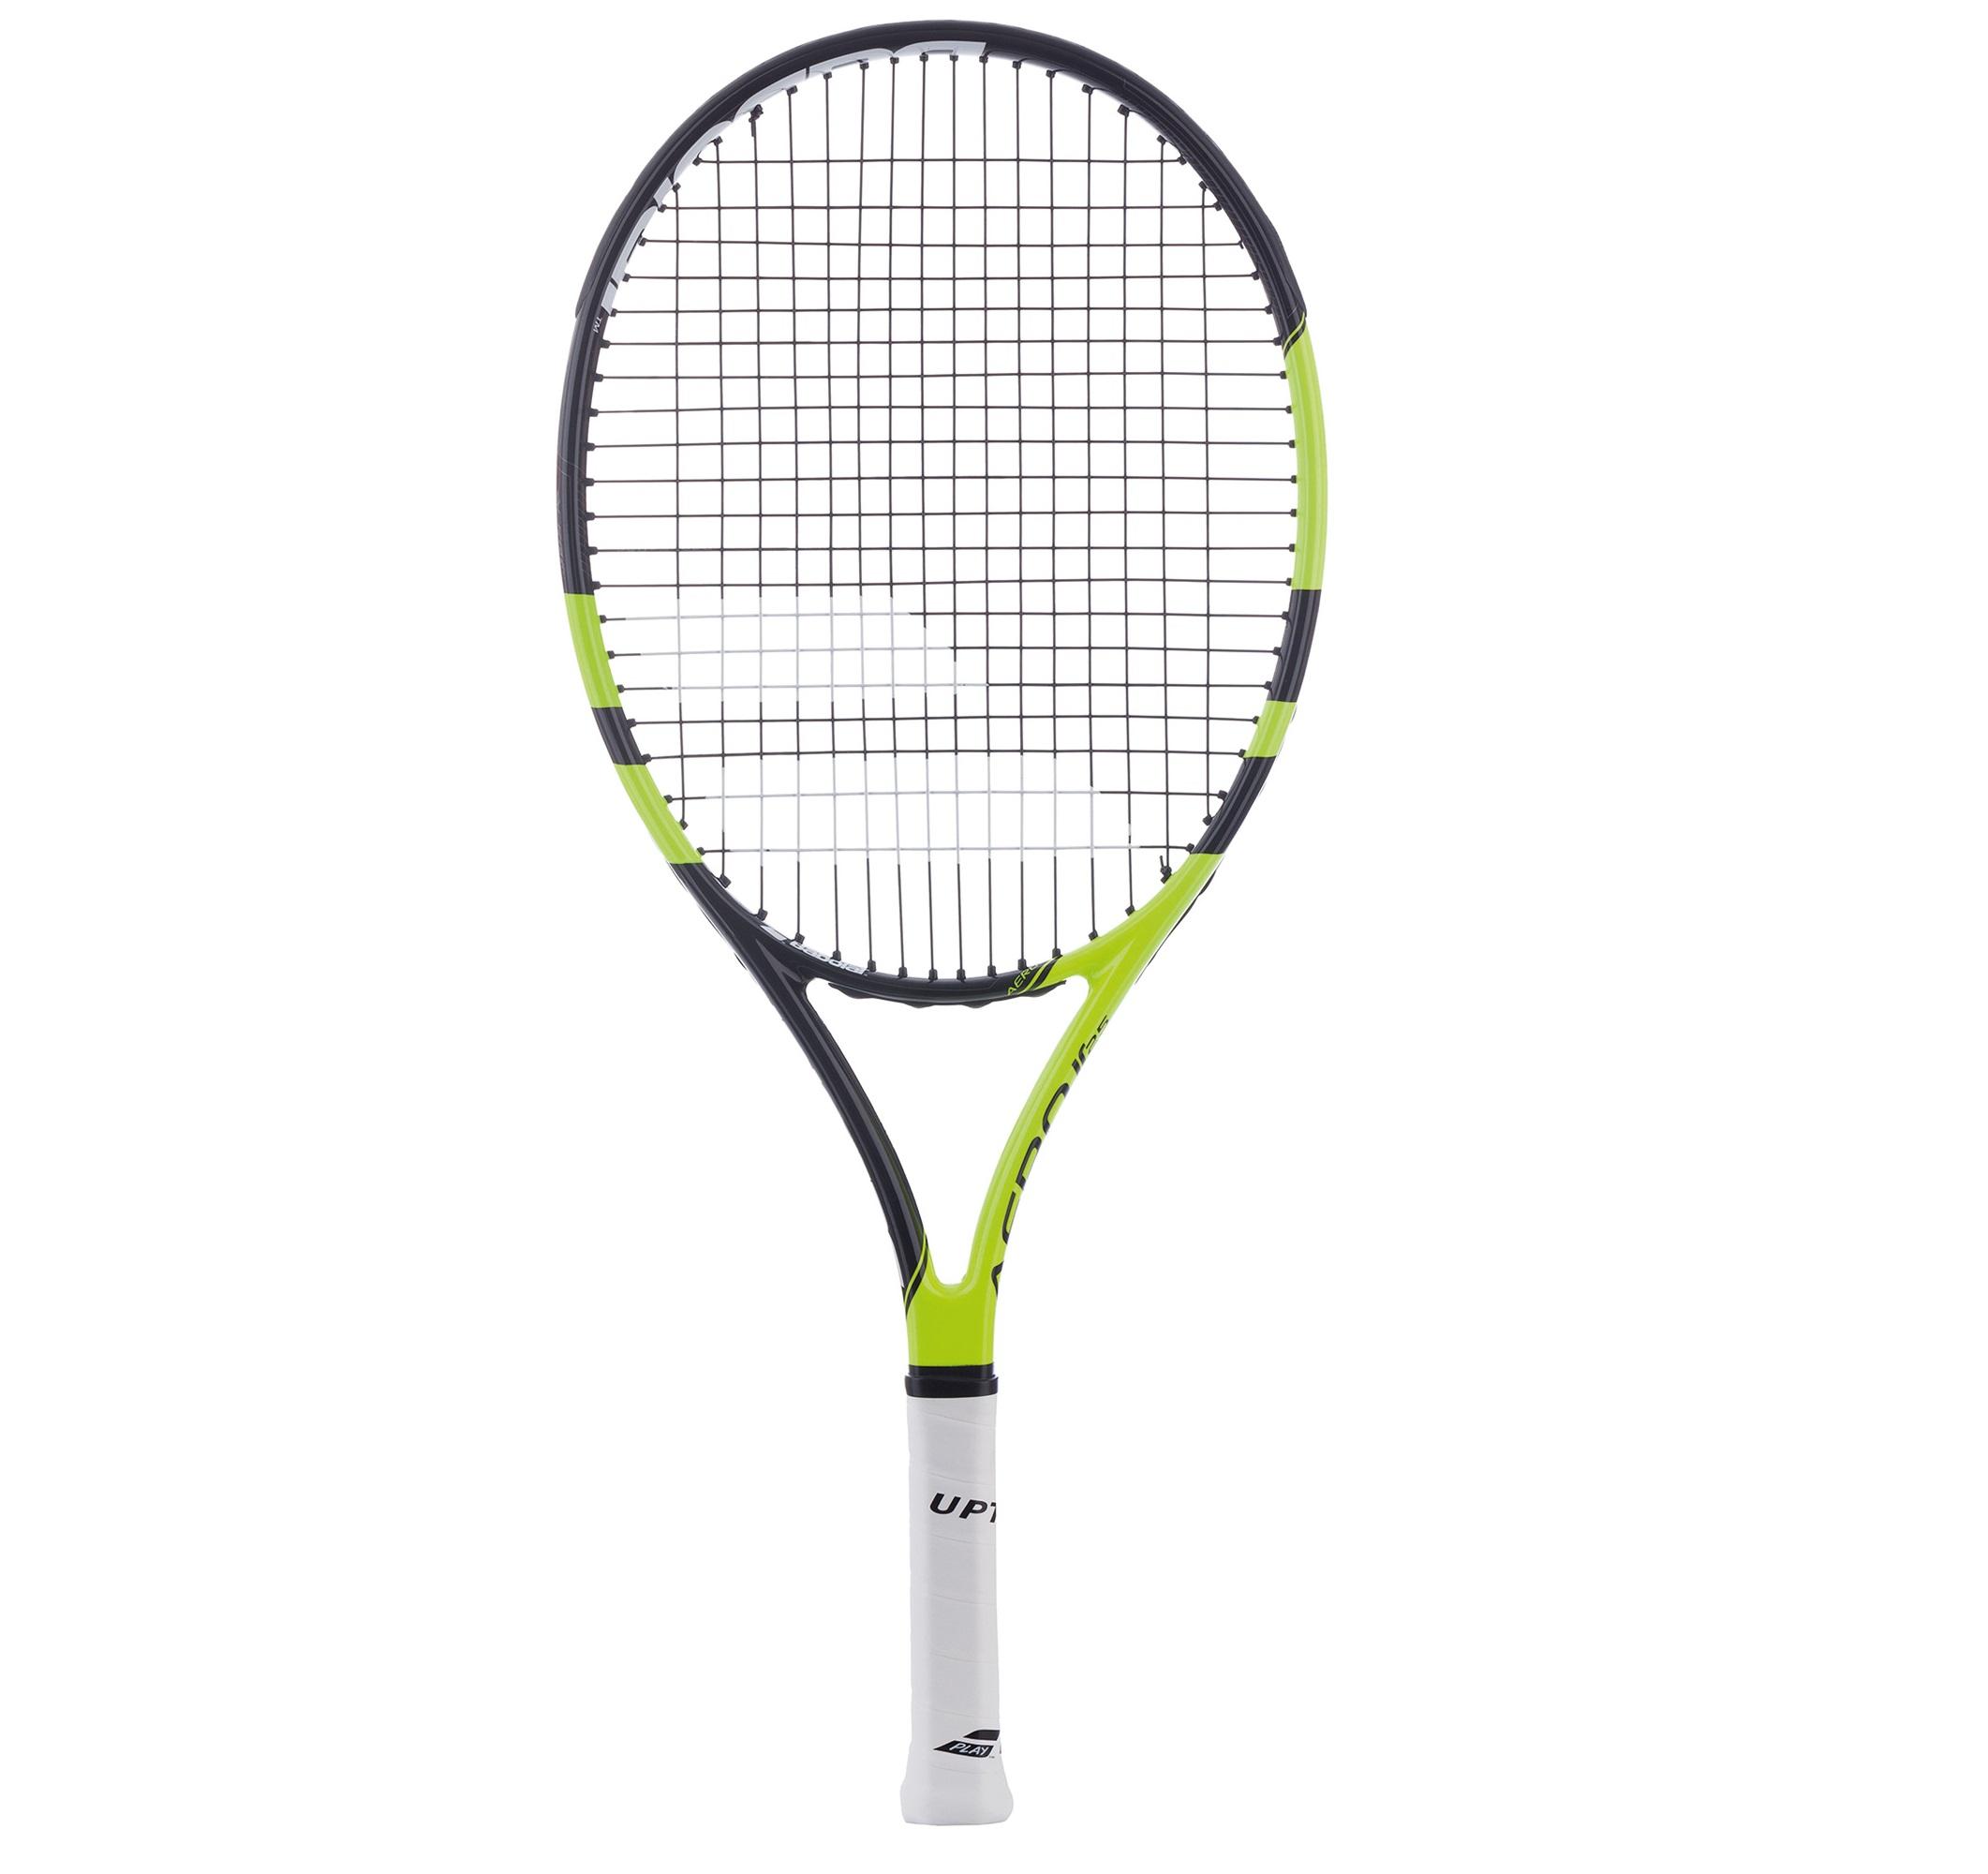 Babolat Ракетка для большого тенниса детская Babolat Aero Junior 25, размер Без размера 2018 3 части горячего сбывания большого размера женское нижнее белье яркое украшение диаманта большого размера стринги хлопка женс